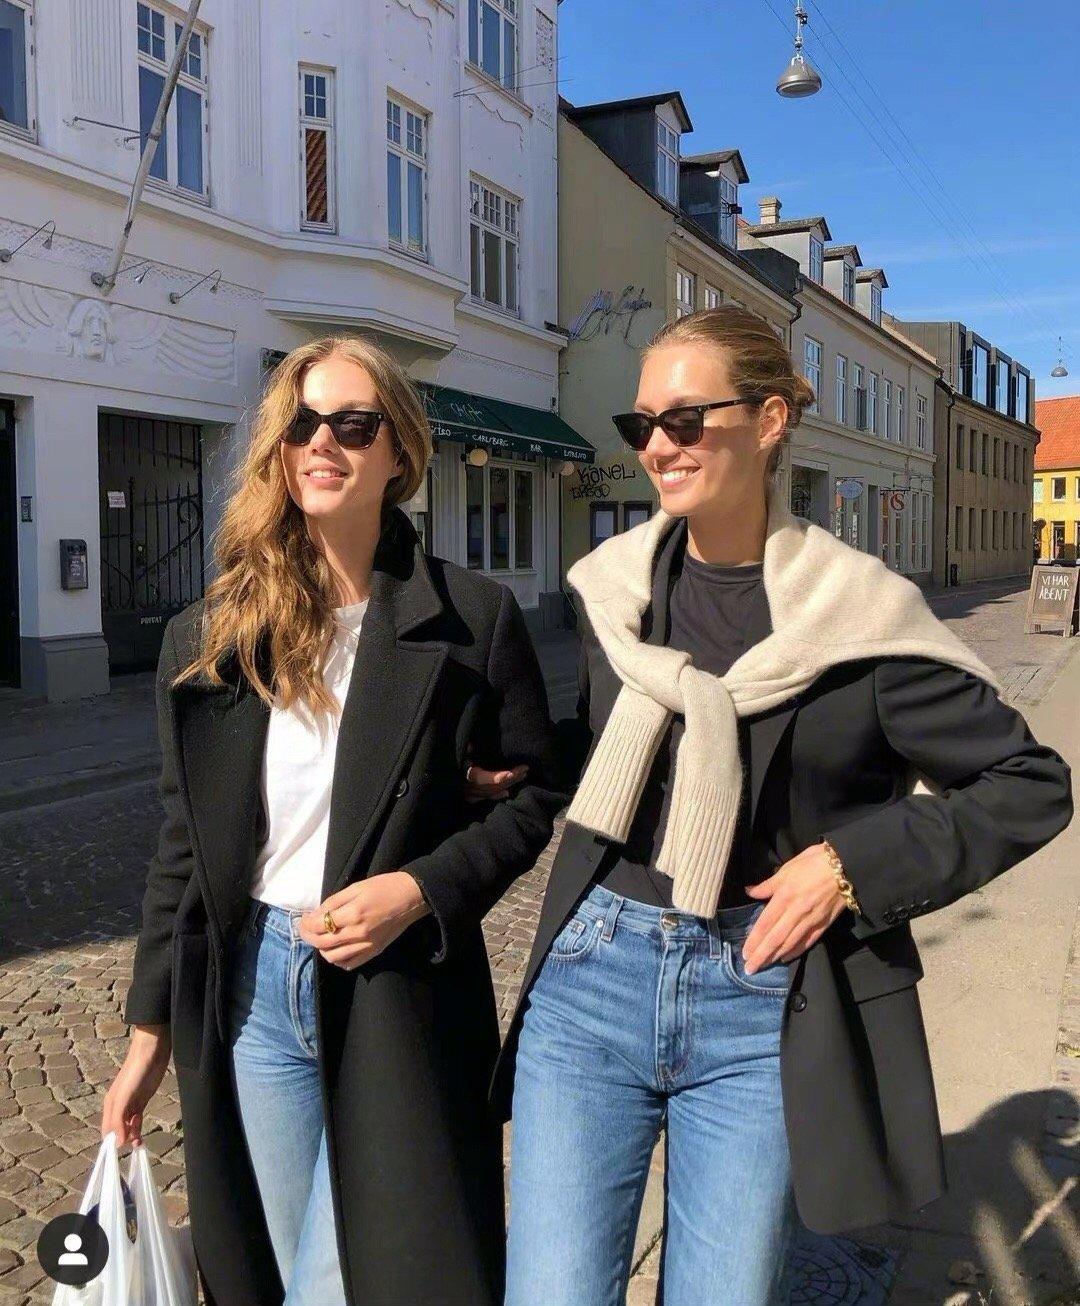 丹麦双胞胎时装模特 Amalie & Cecilie舒适惬意的穿搭日常